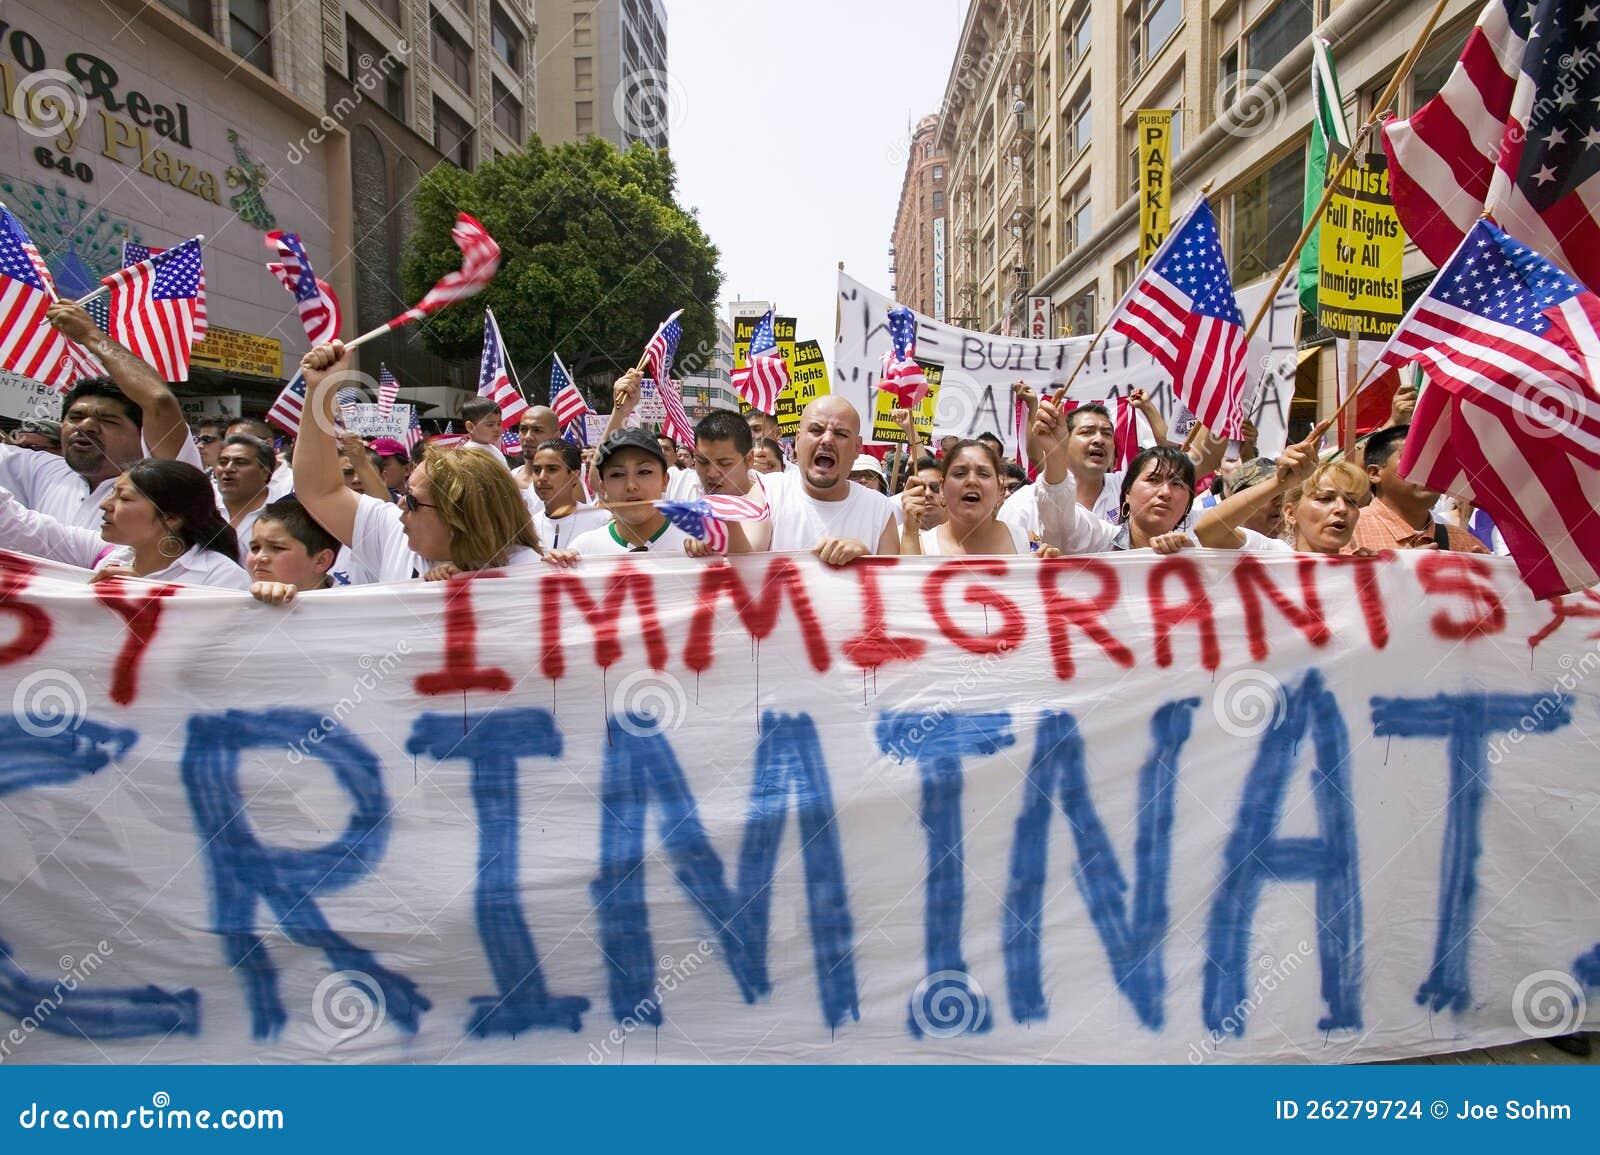 Protest tegen Onwettige Immigratie